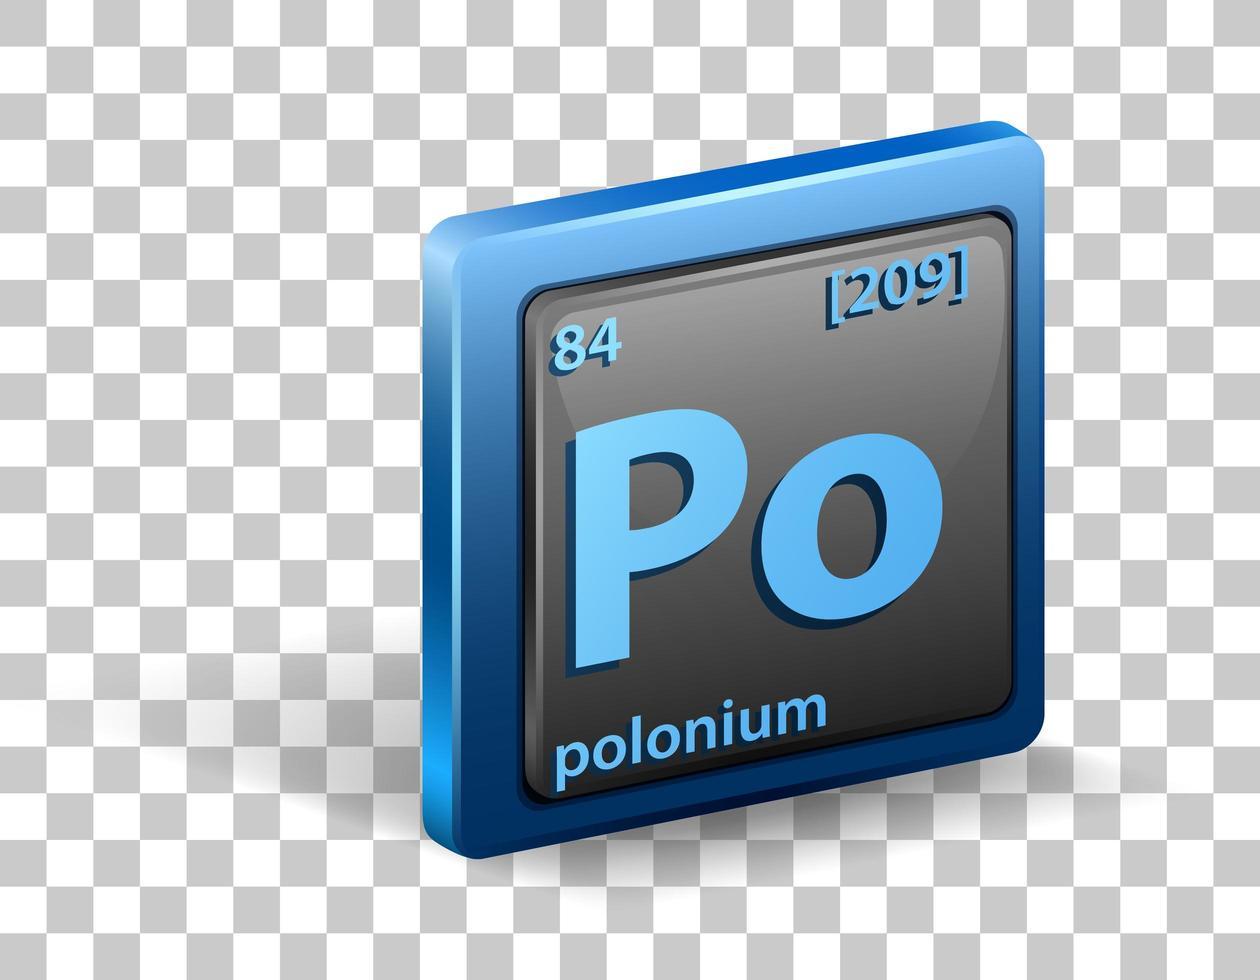 élément chimique polonium. symbole chimique avec numéro atomique et masse atomique. vecteur